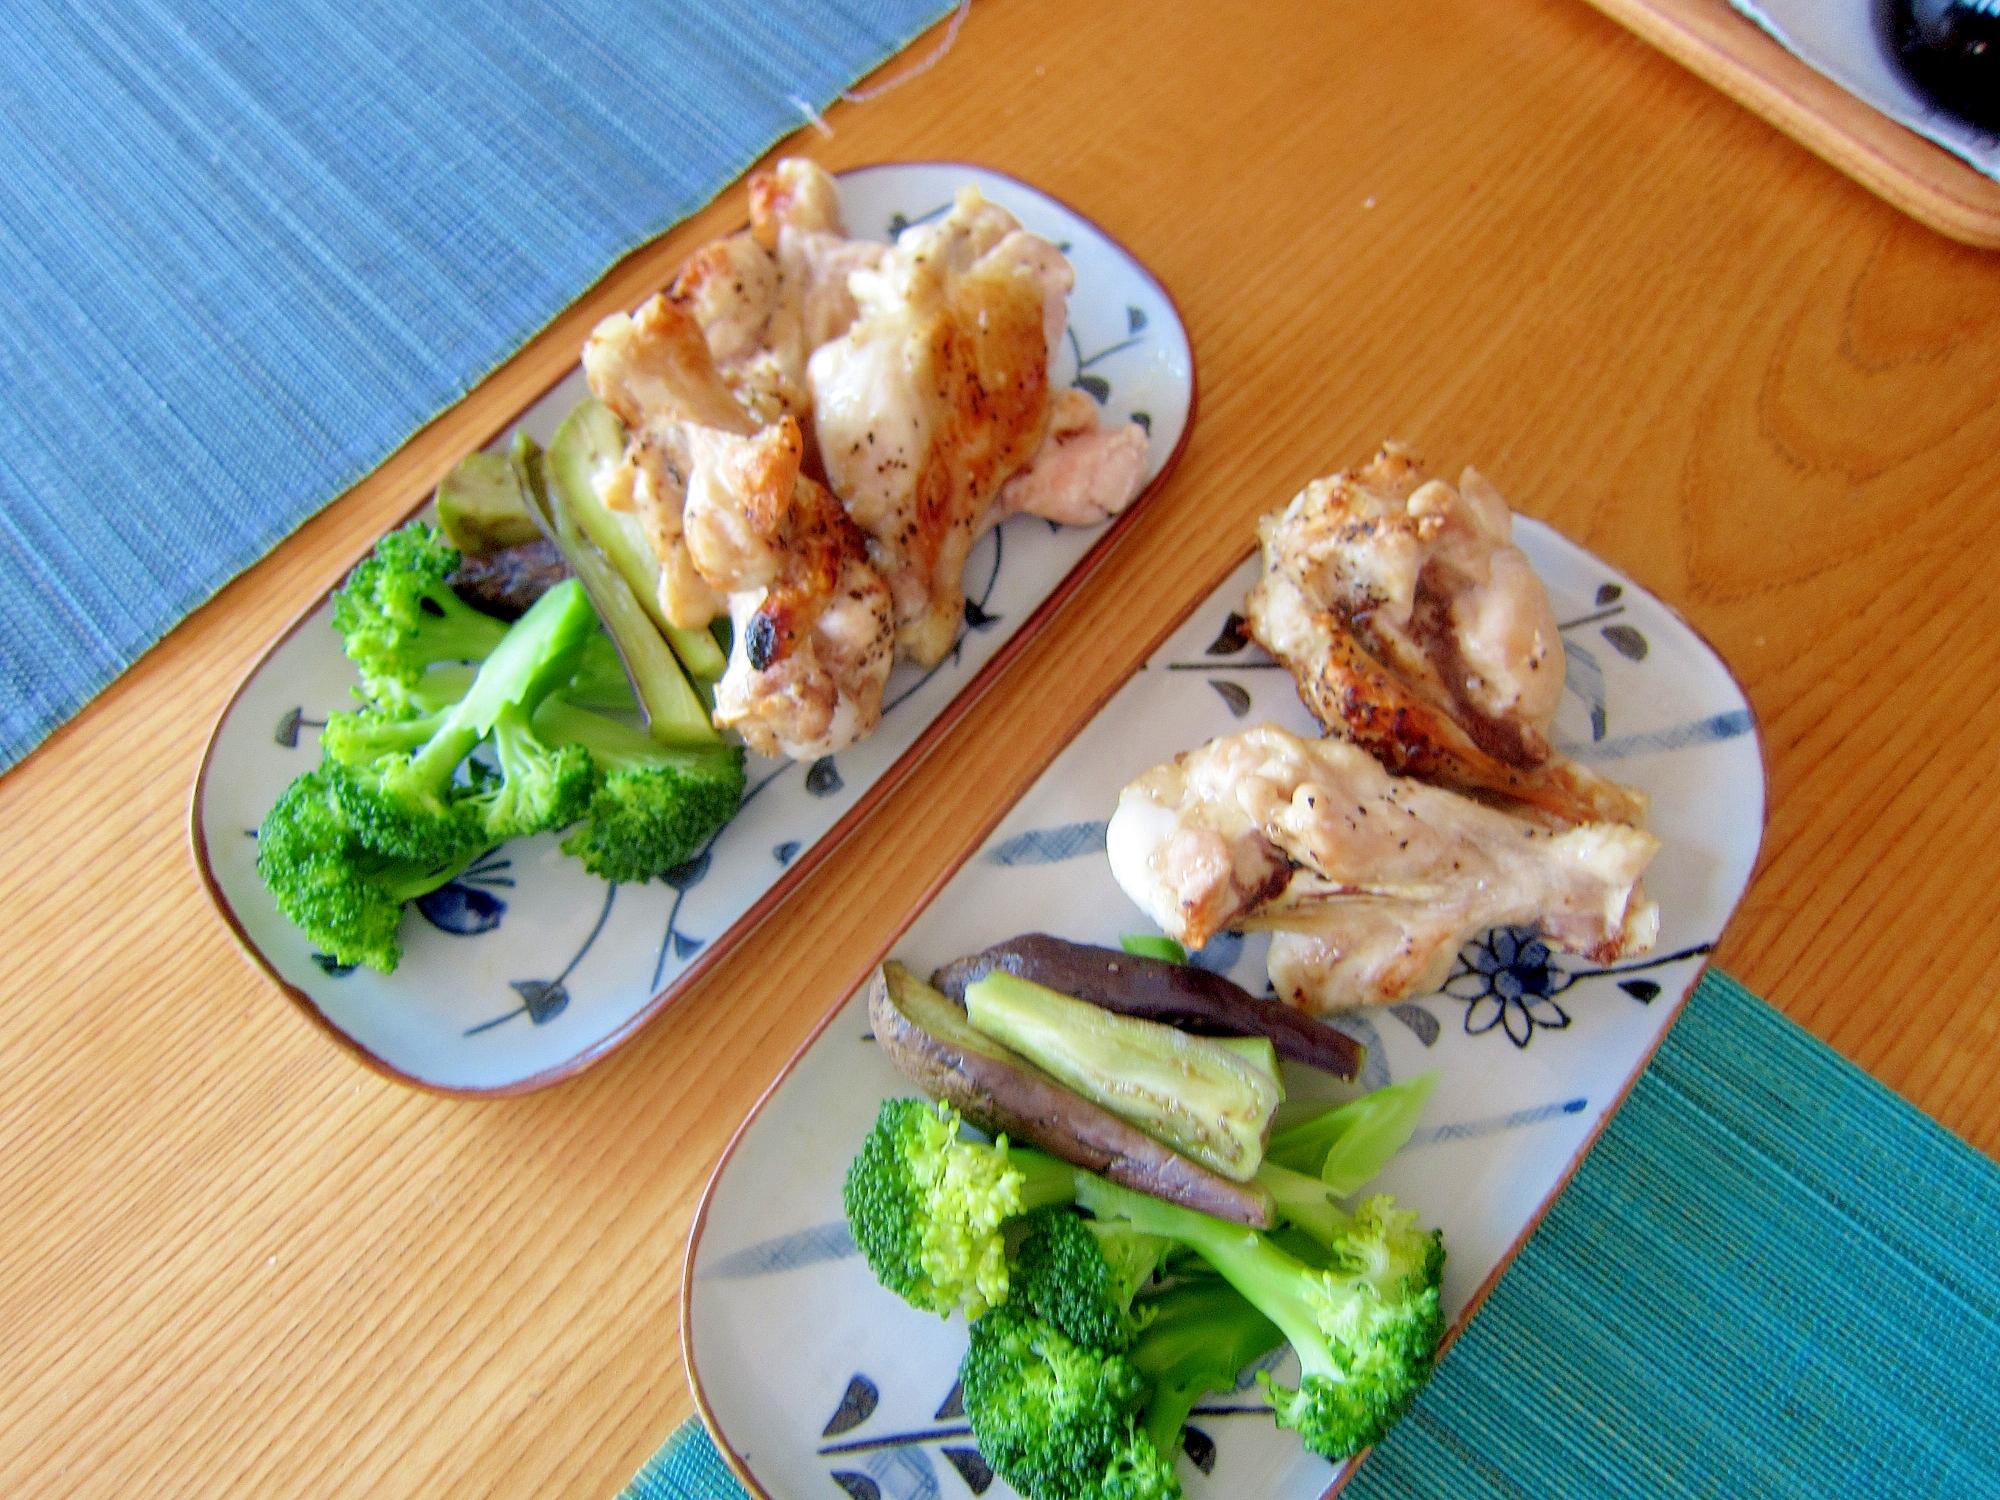 骨付き鶏肉とスチーム茄子ブロッコリー